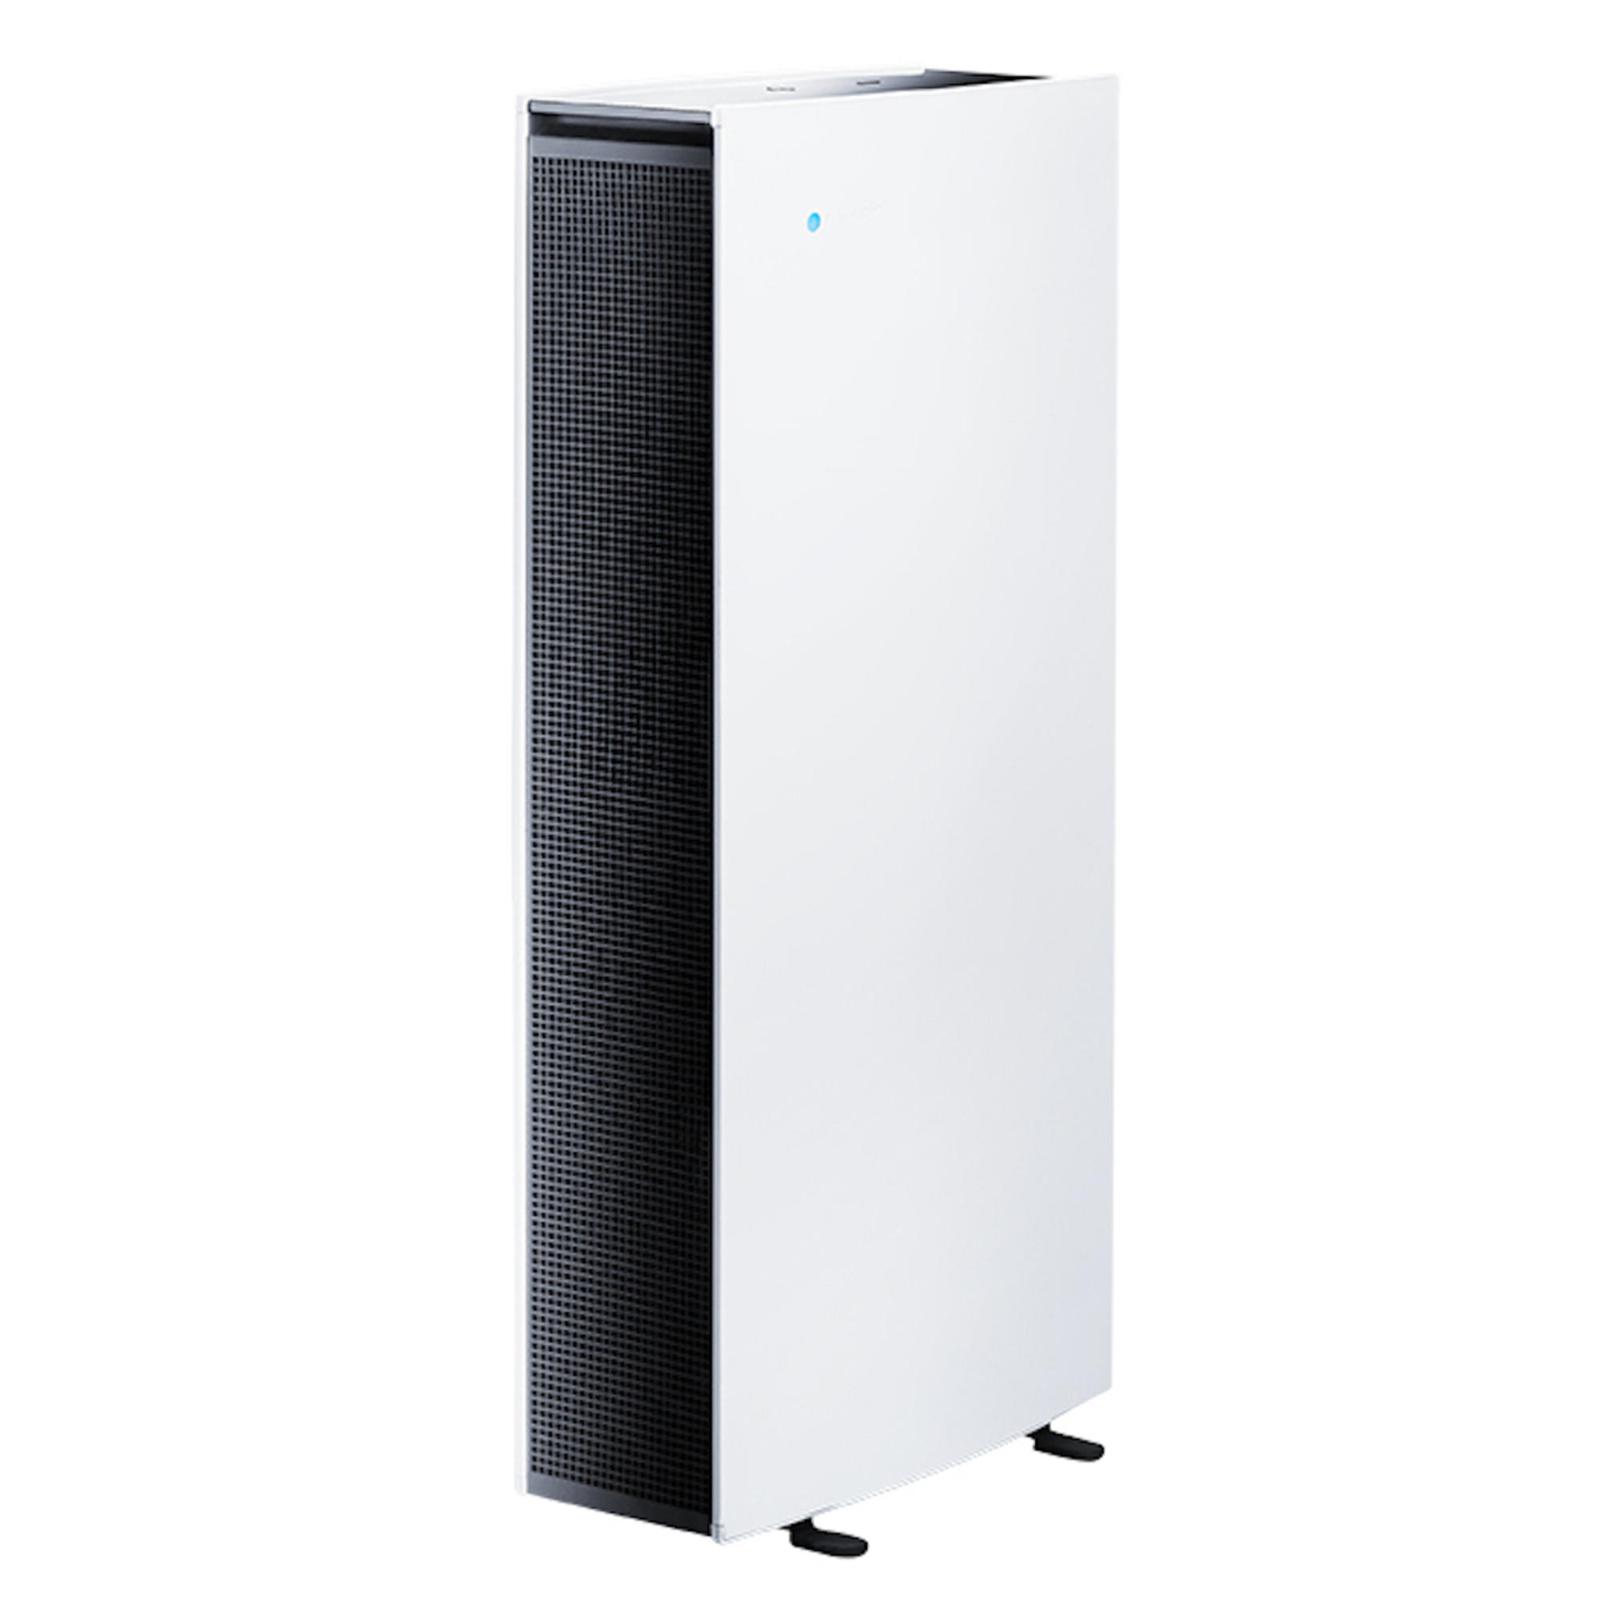 BLUEAIR Pro XL Air Purifier  PartNumber: SPM8768203723